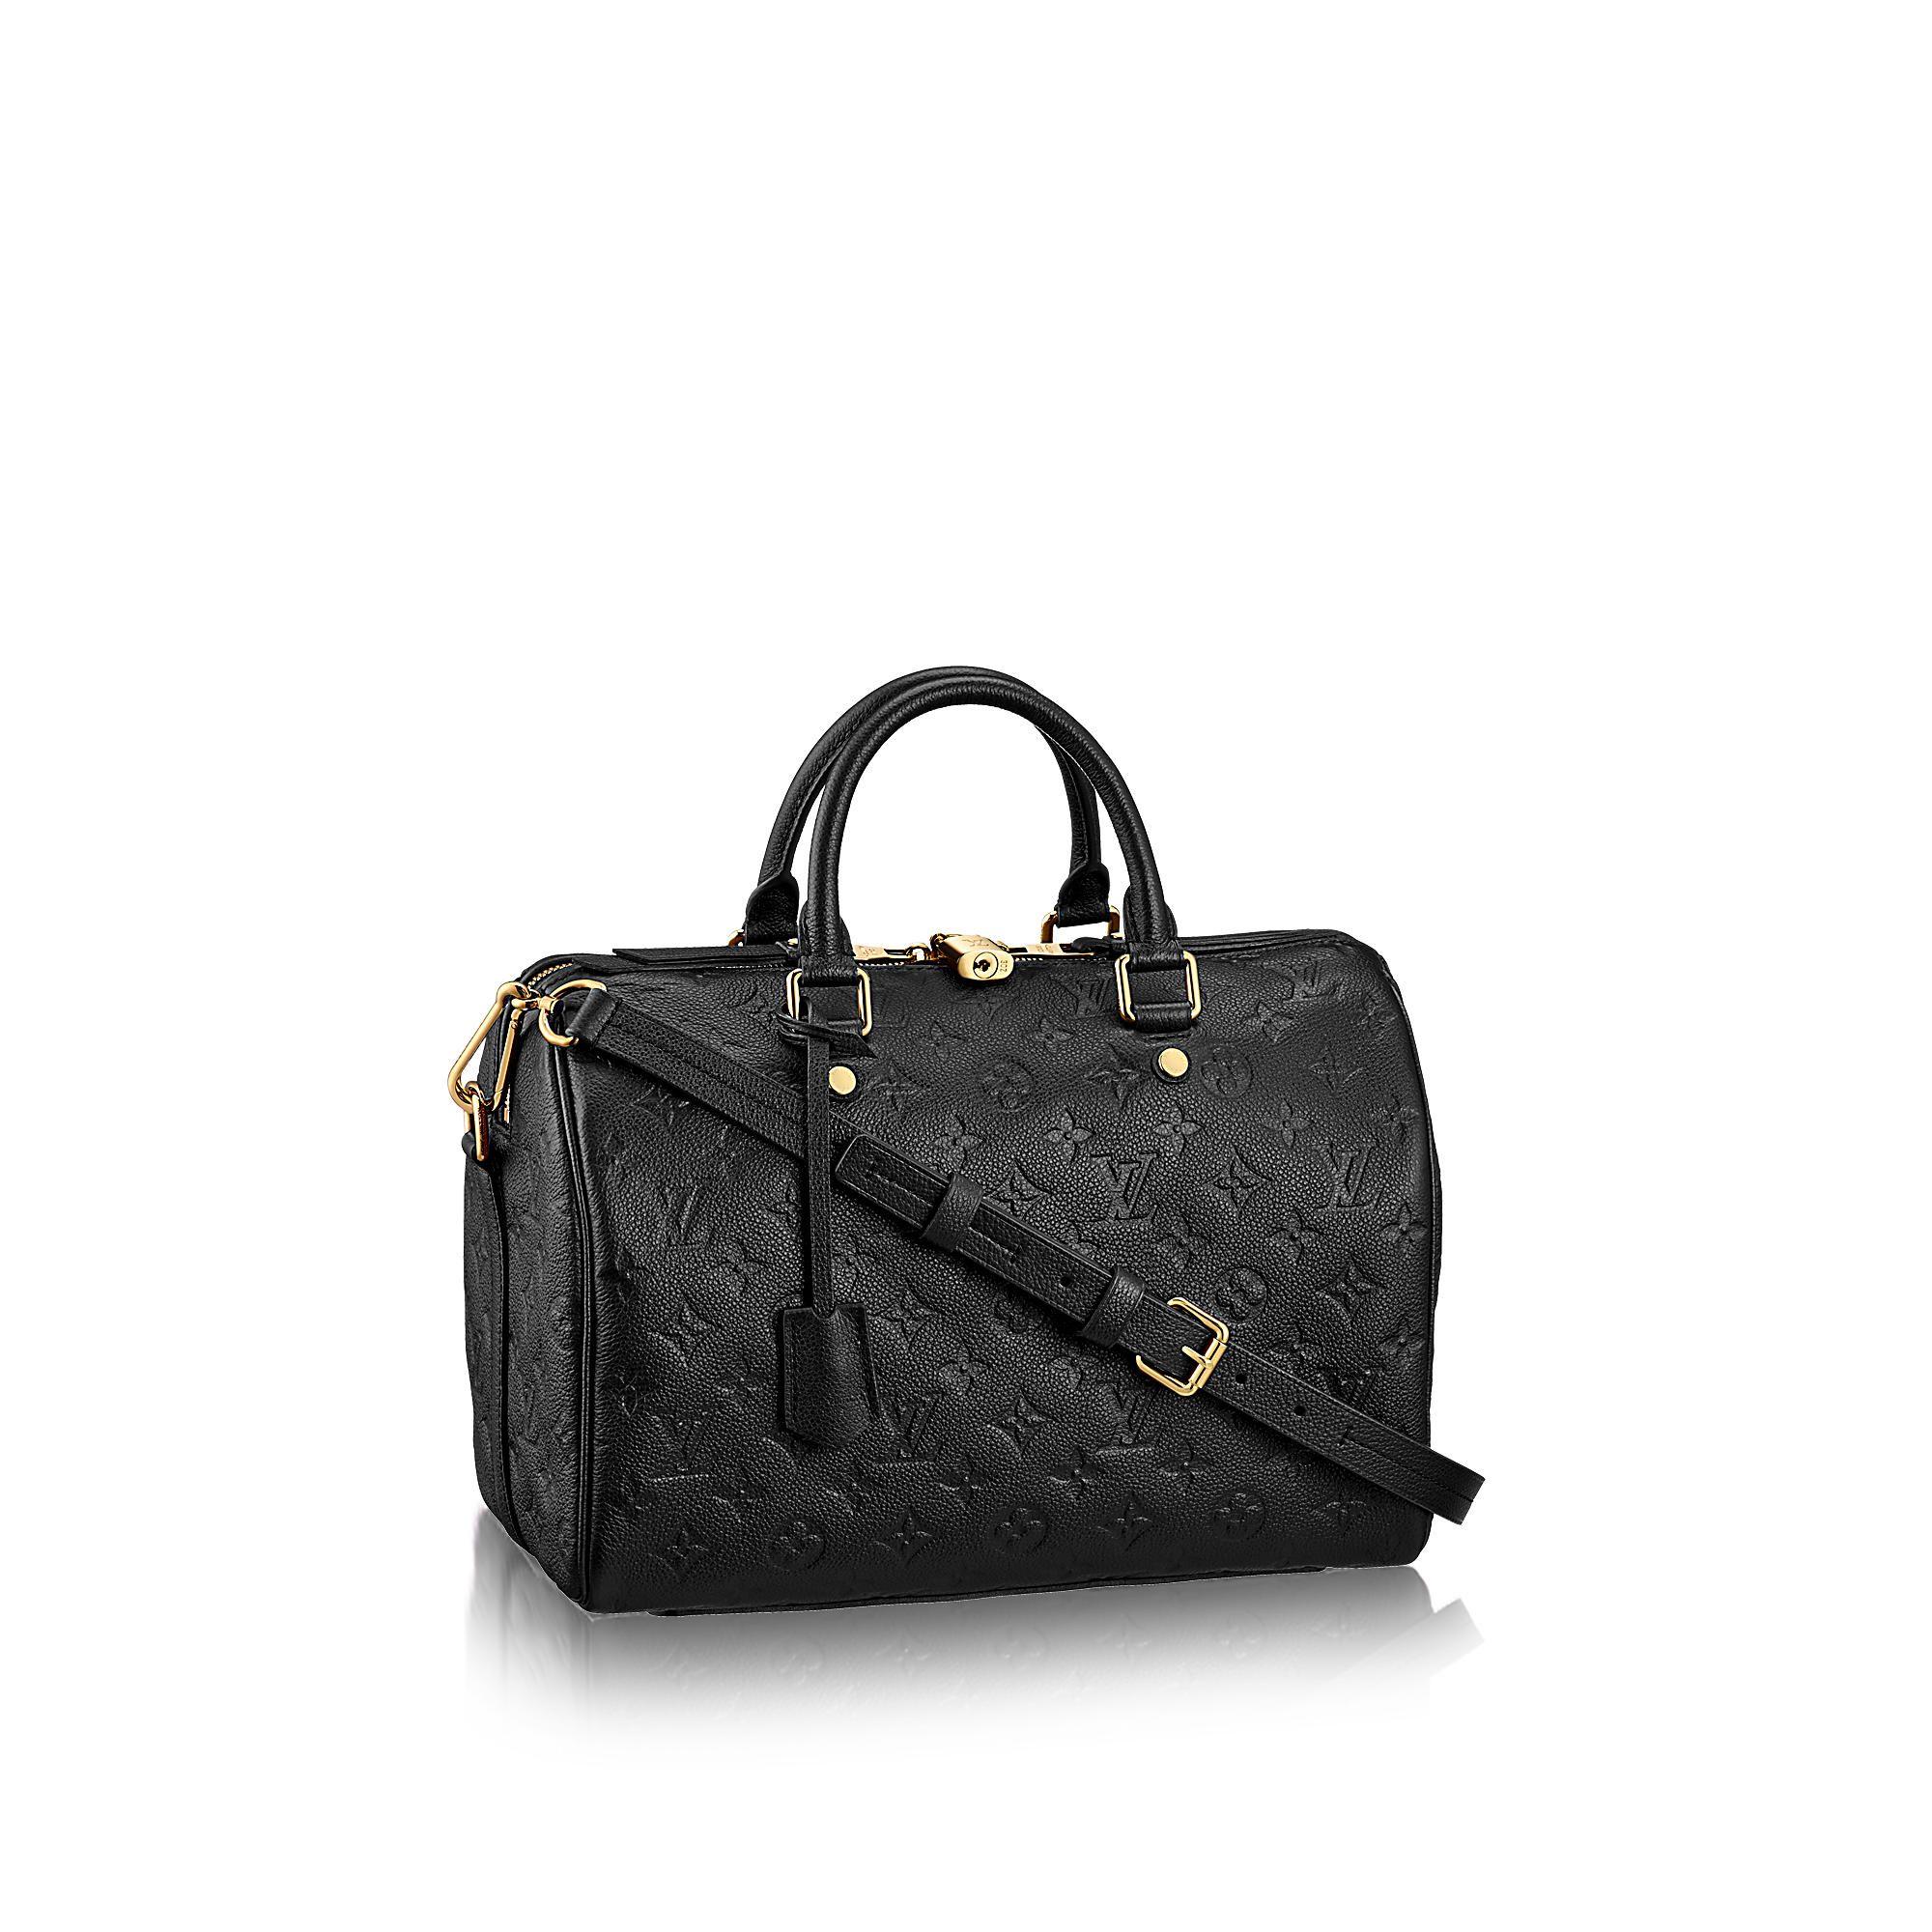 Louis Vuitton Speedy 25 Schwarz